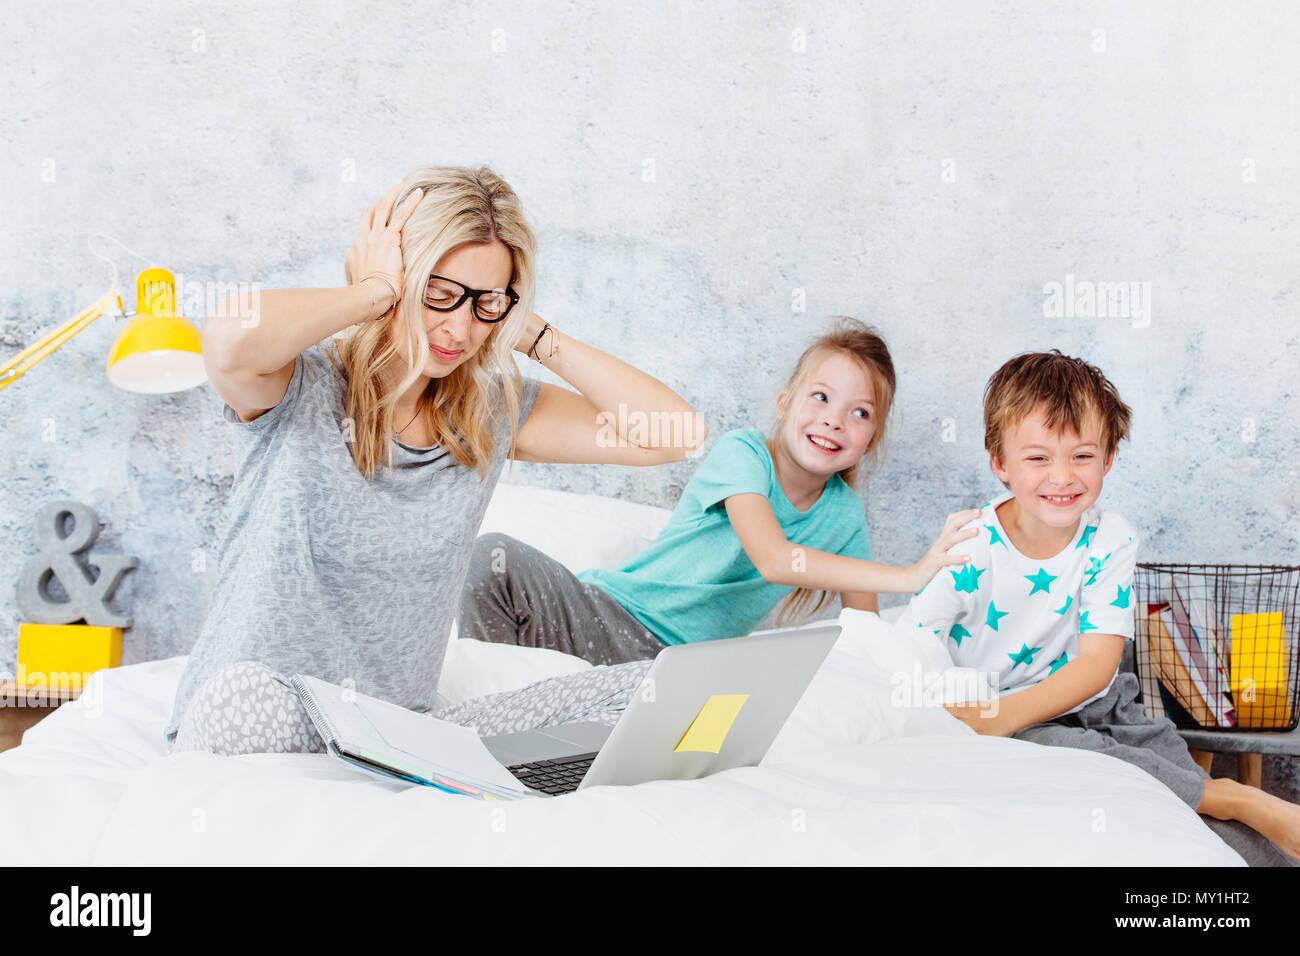 Business mum en el trabajo mientras sus hijos juegan en la cama Imagen De Stock